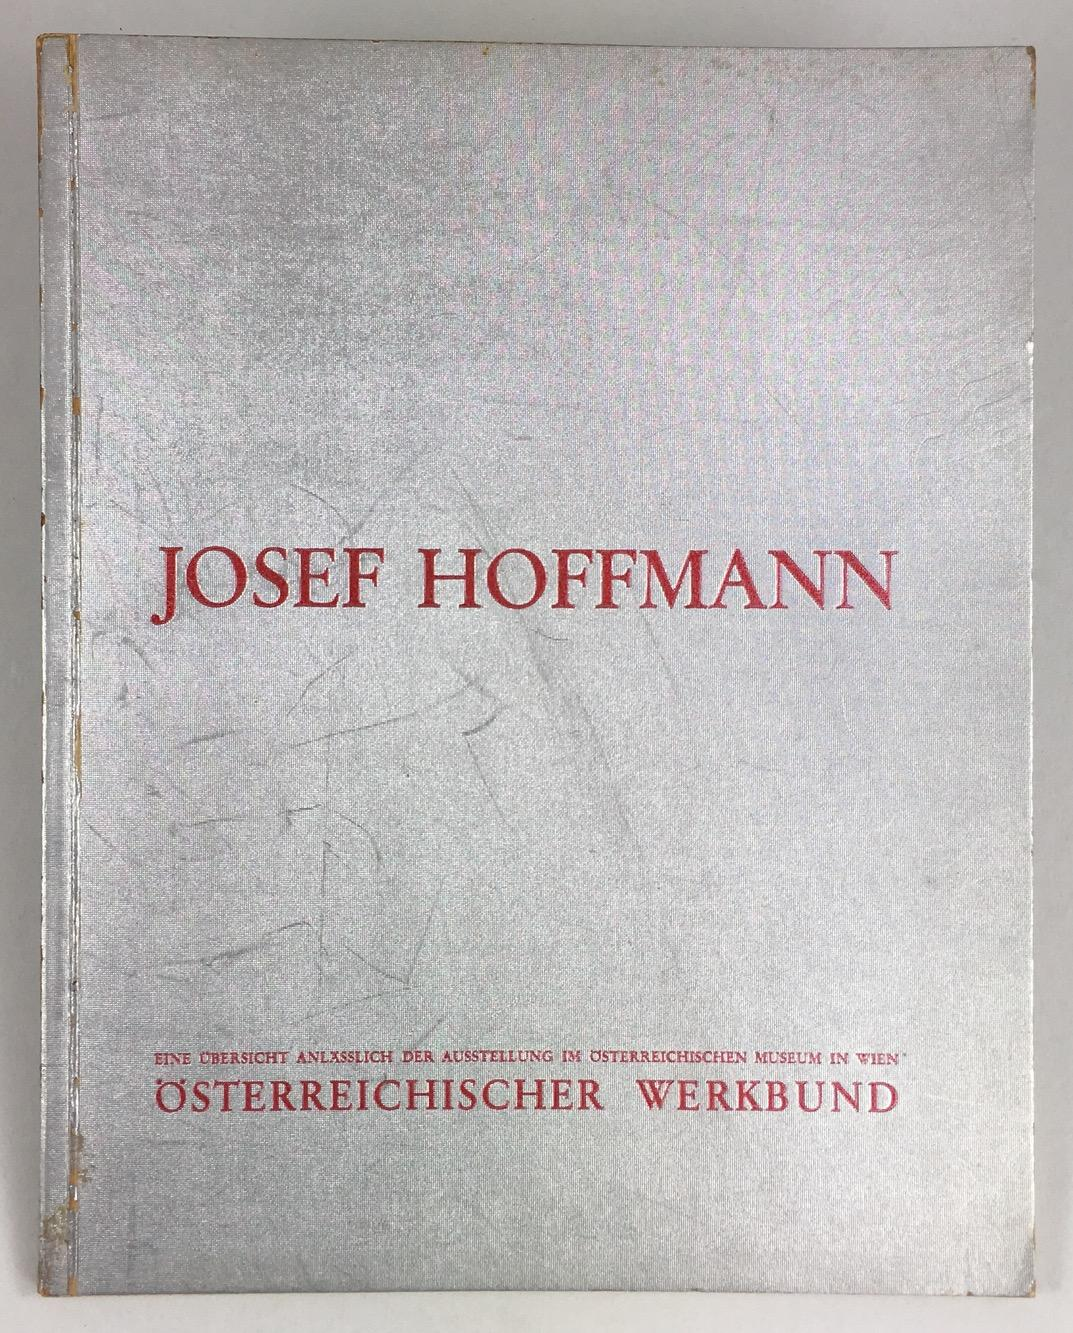 josef hoffmann zum sechzigsten geburtstage 15 dezember osterreichischer werkbund hrsg